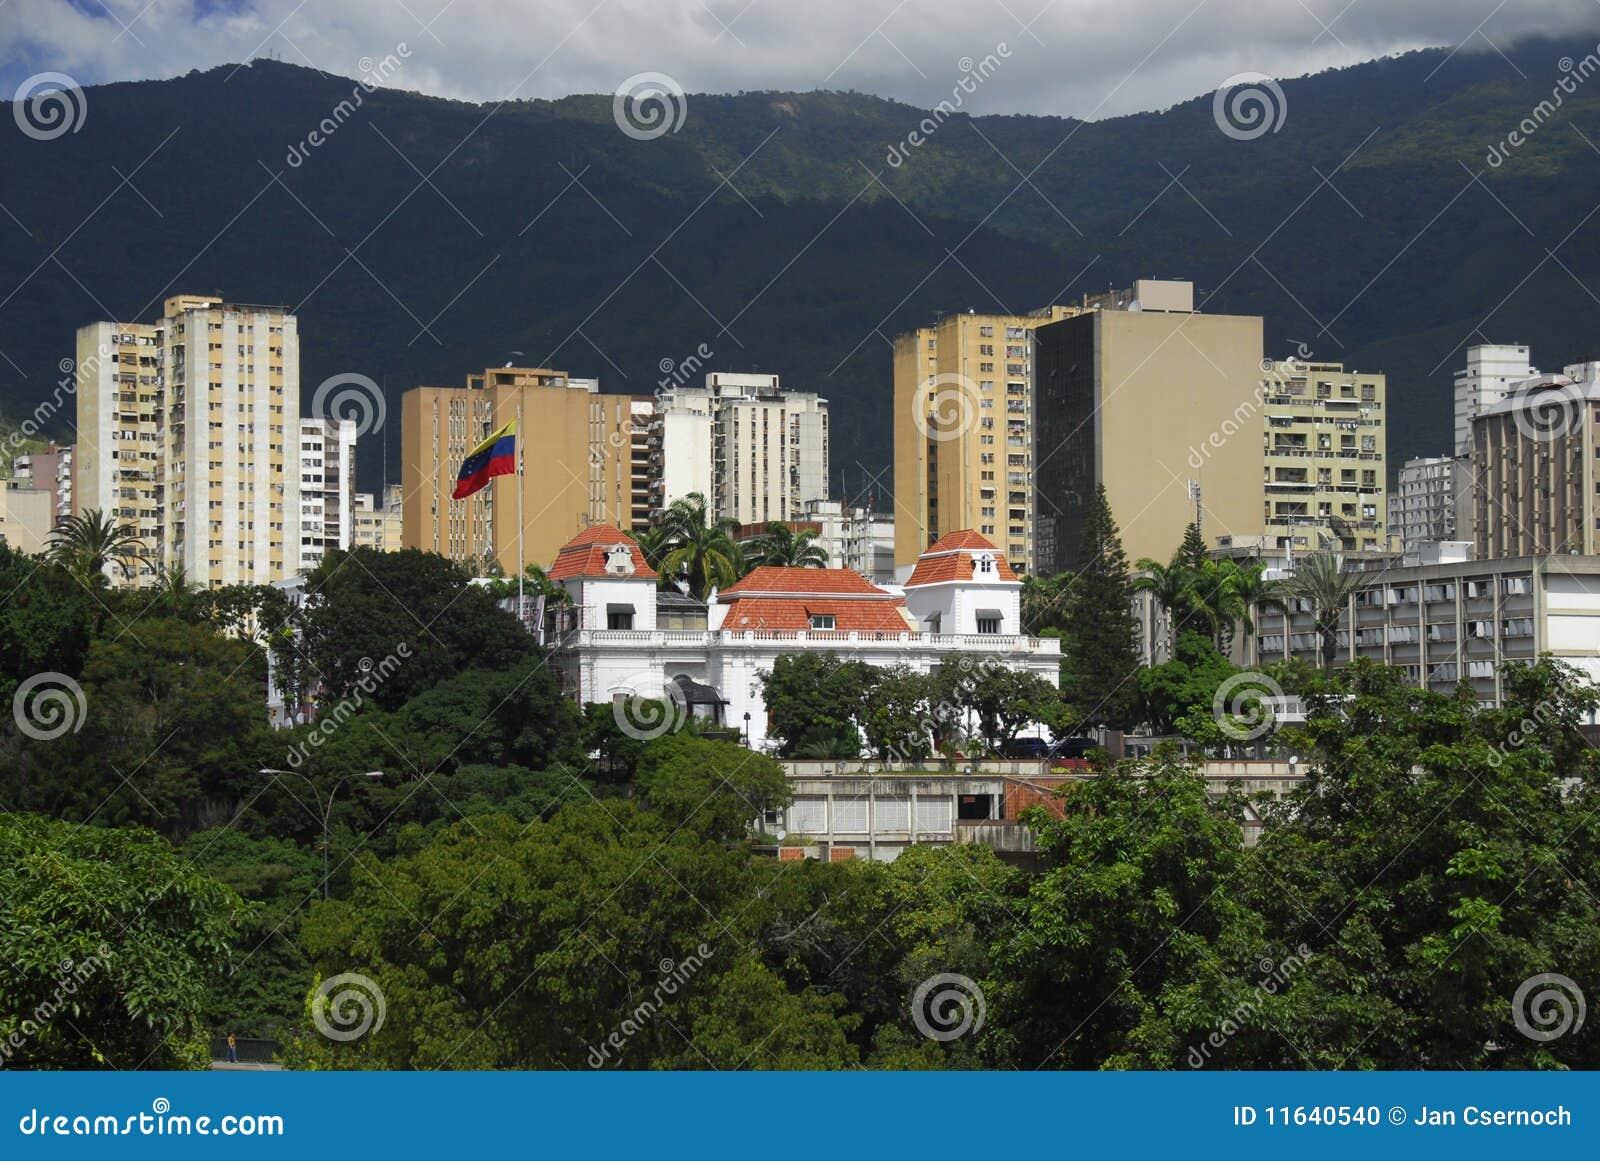 Caracas miraflores pałac prezydencki